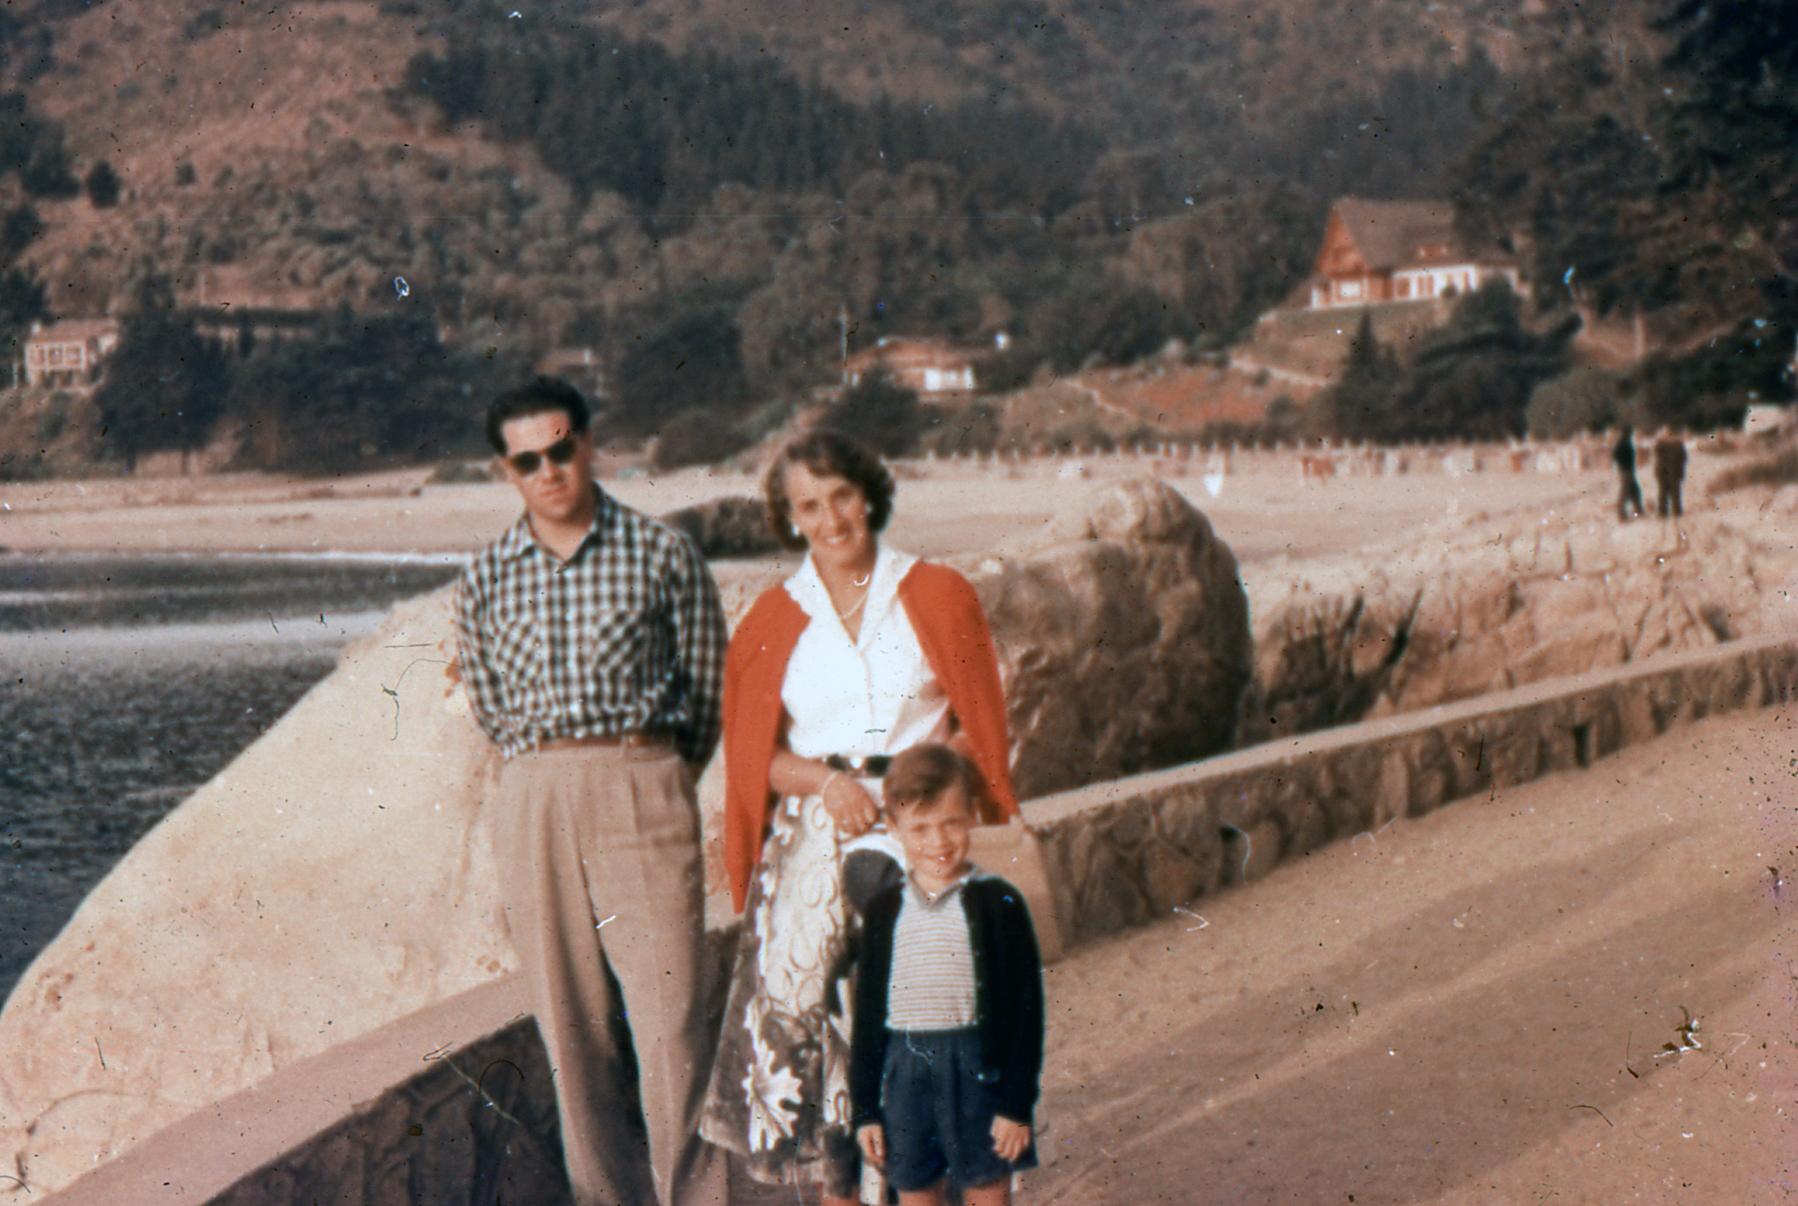 Enterreno - Fotos históricas de chile - fotos antiguas de Chile - Zapallar,  febrero de 1959